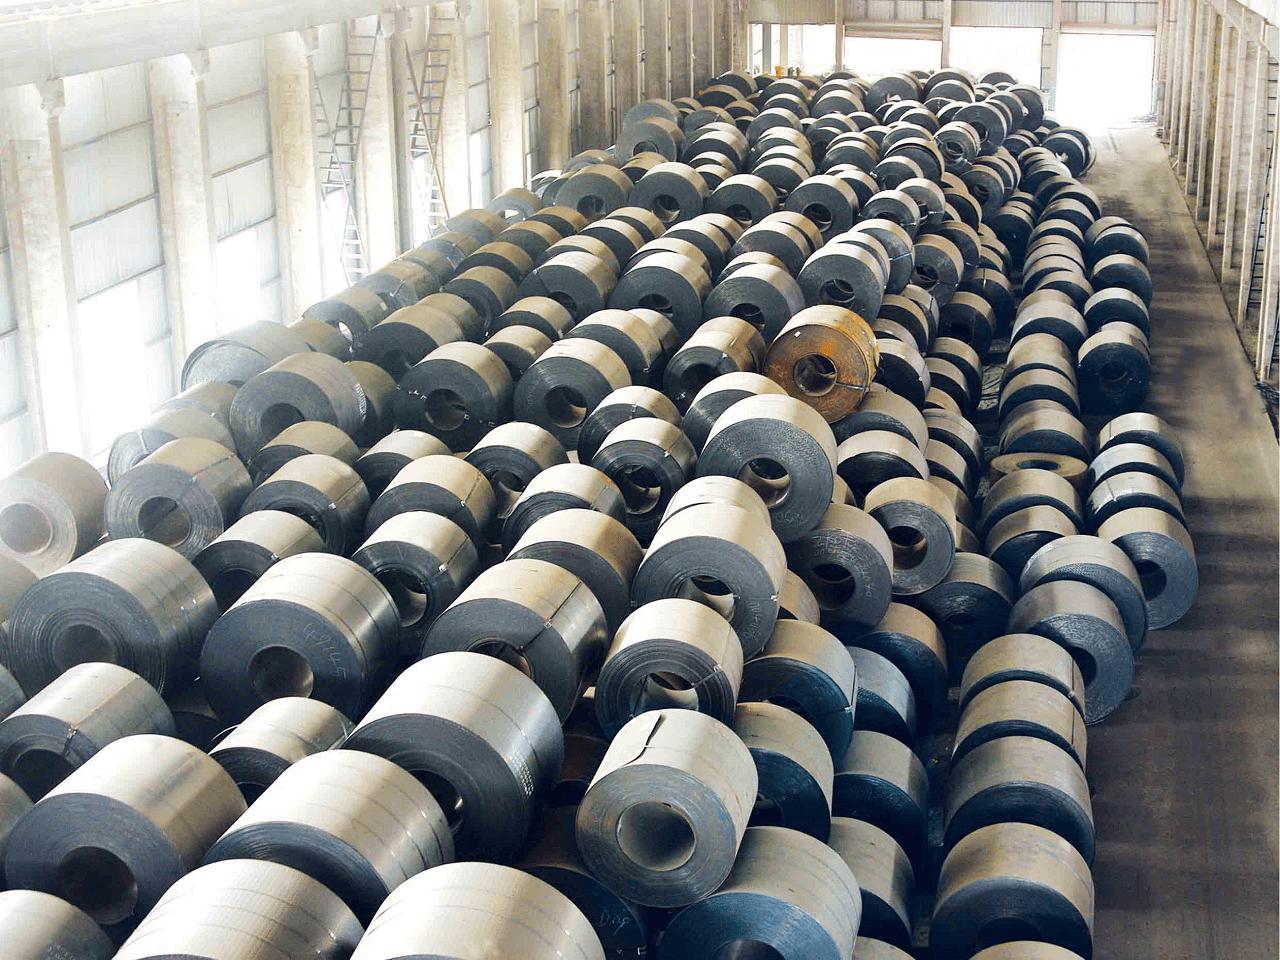 AB Türk Demir Çeliğine Karşı Anti-Damping Önlemi Almaya Hazırlanıyor